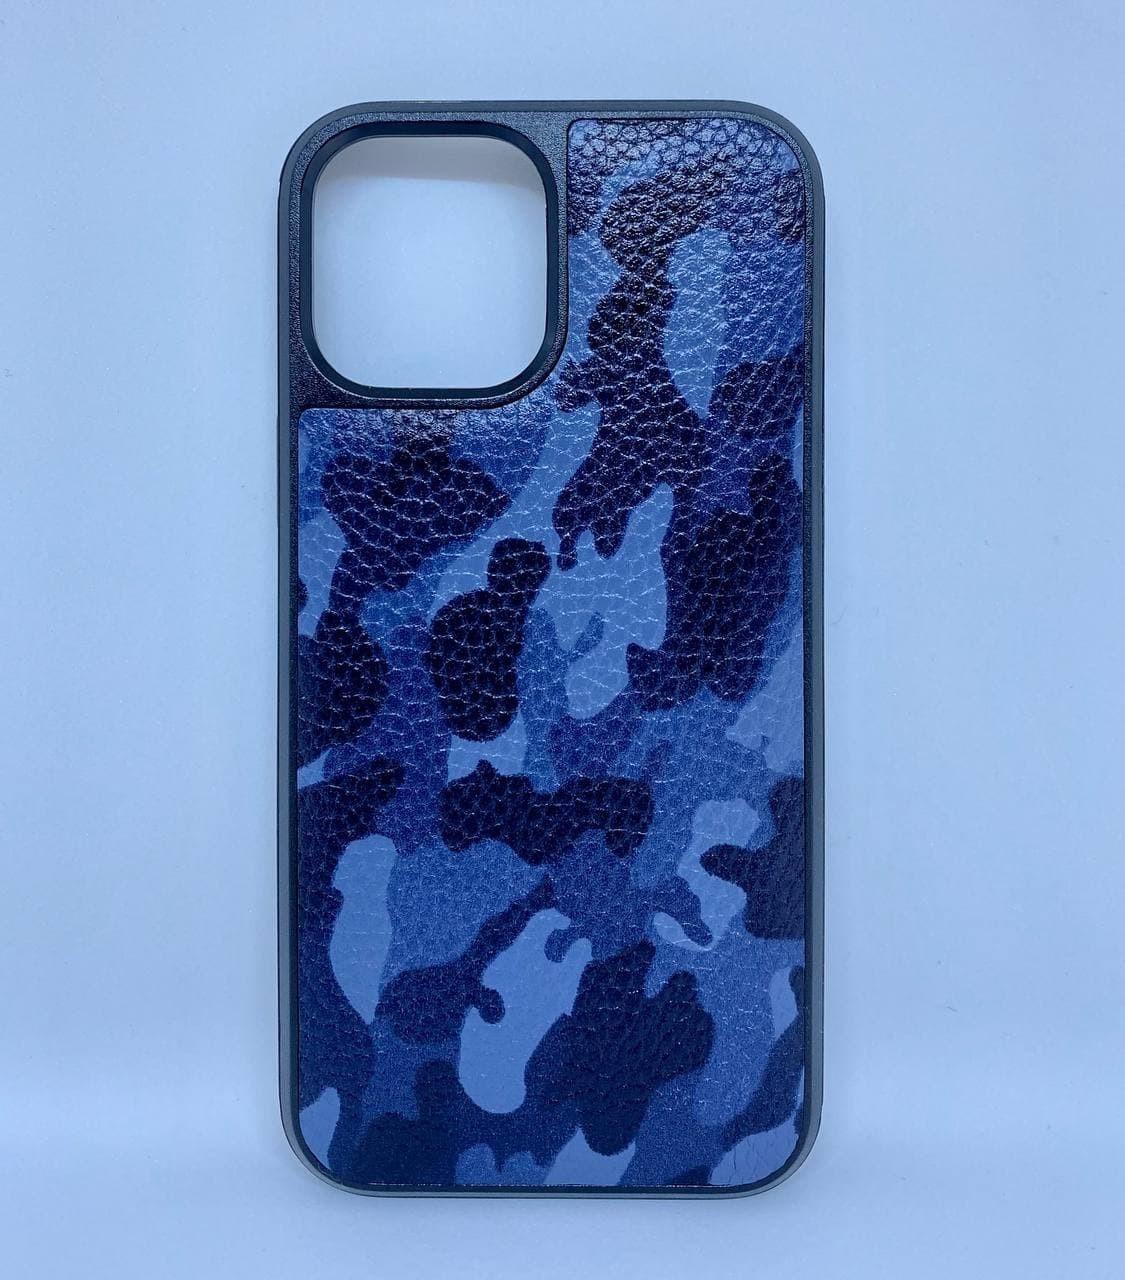 Чехол CaZe для iPhone 12 Pro Max из натуральной кожи синий камуфляж